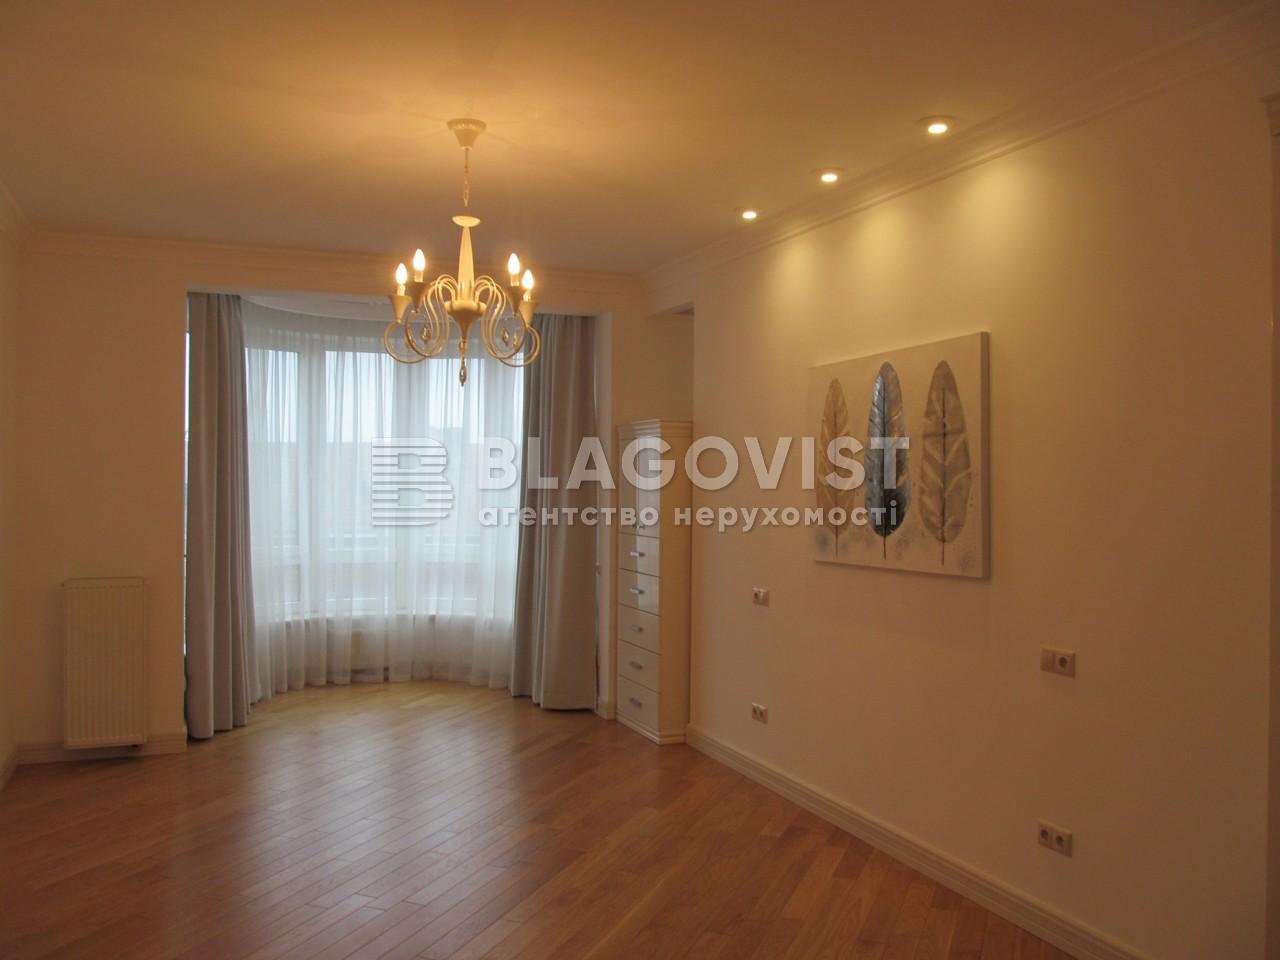 Квартира E-40466, Институтская, 18а, Киев - Фото 20